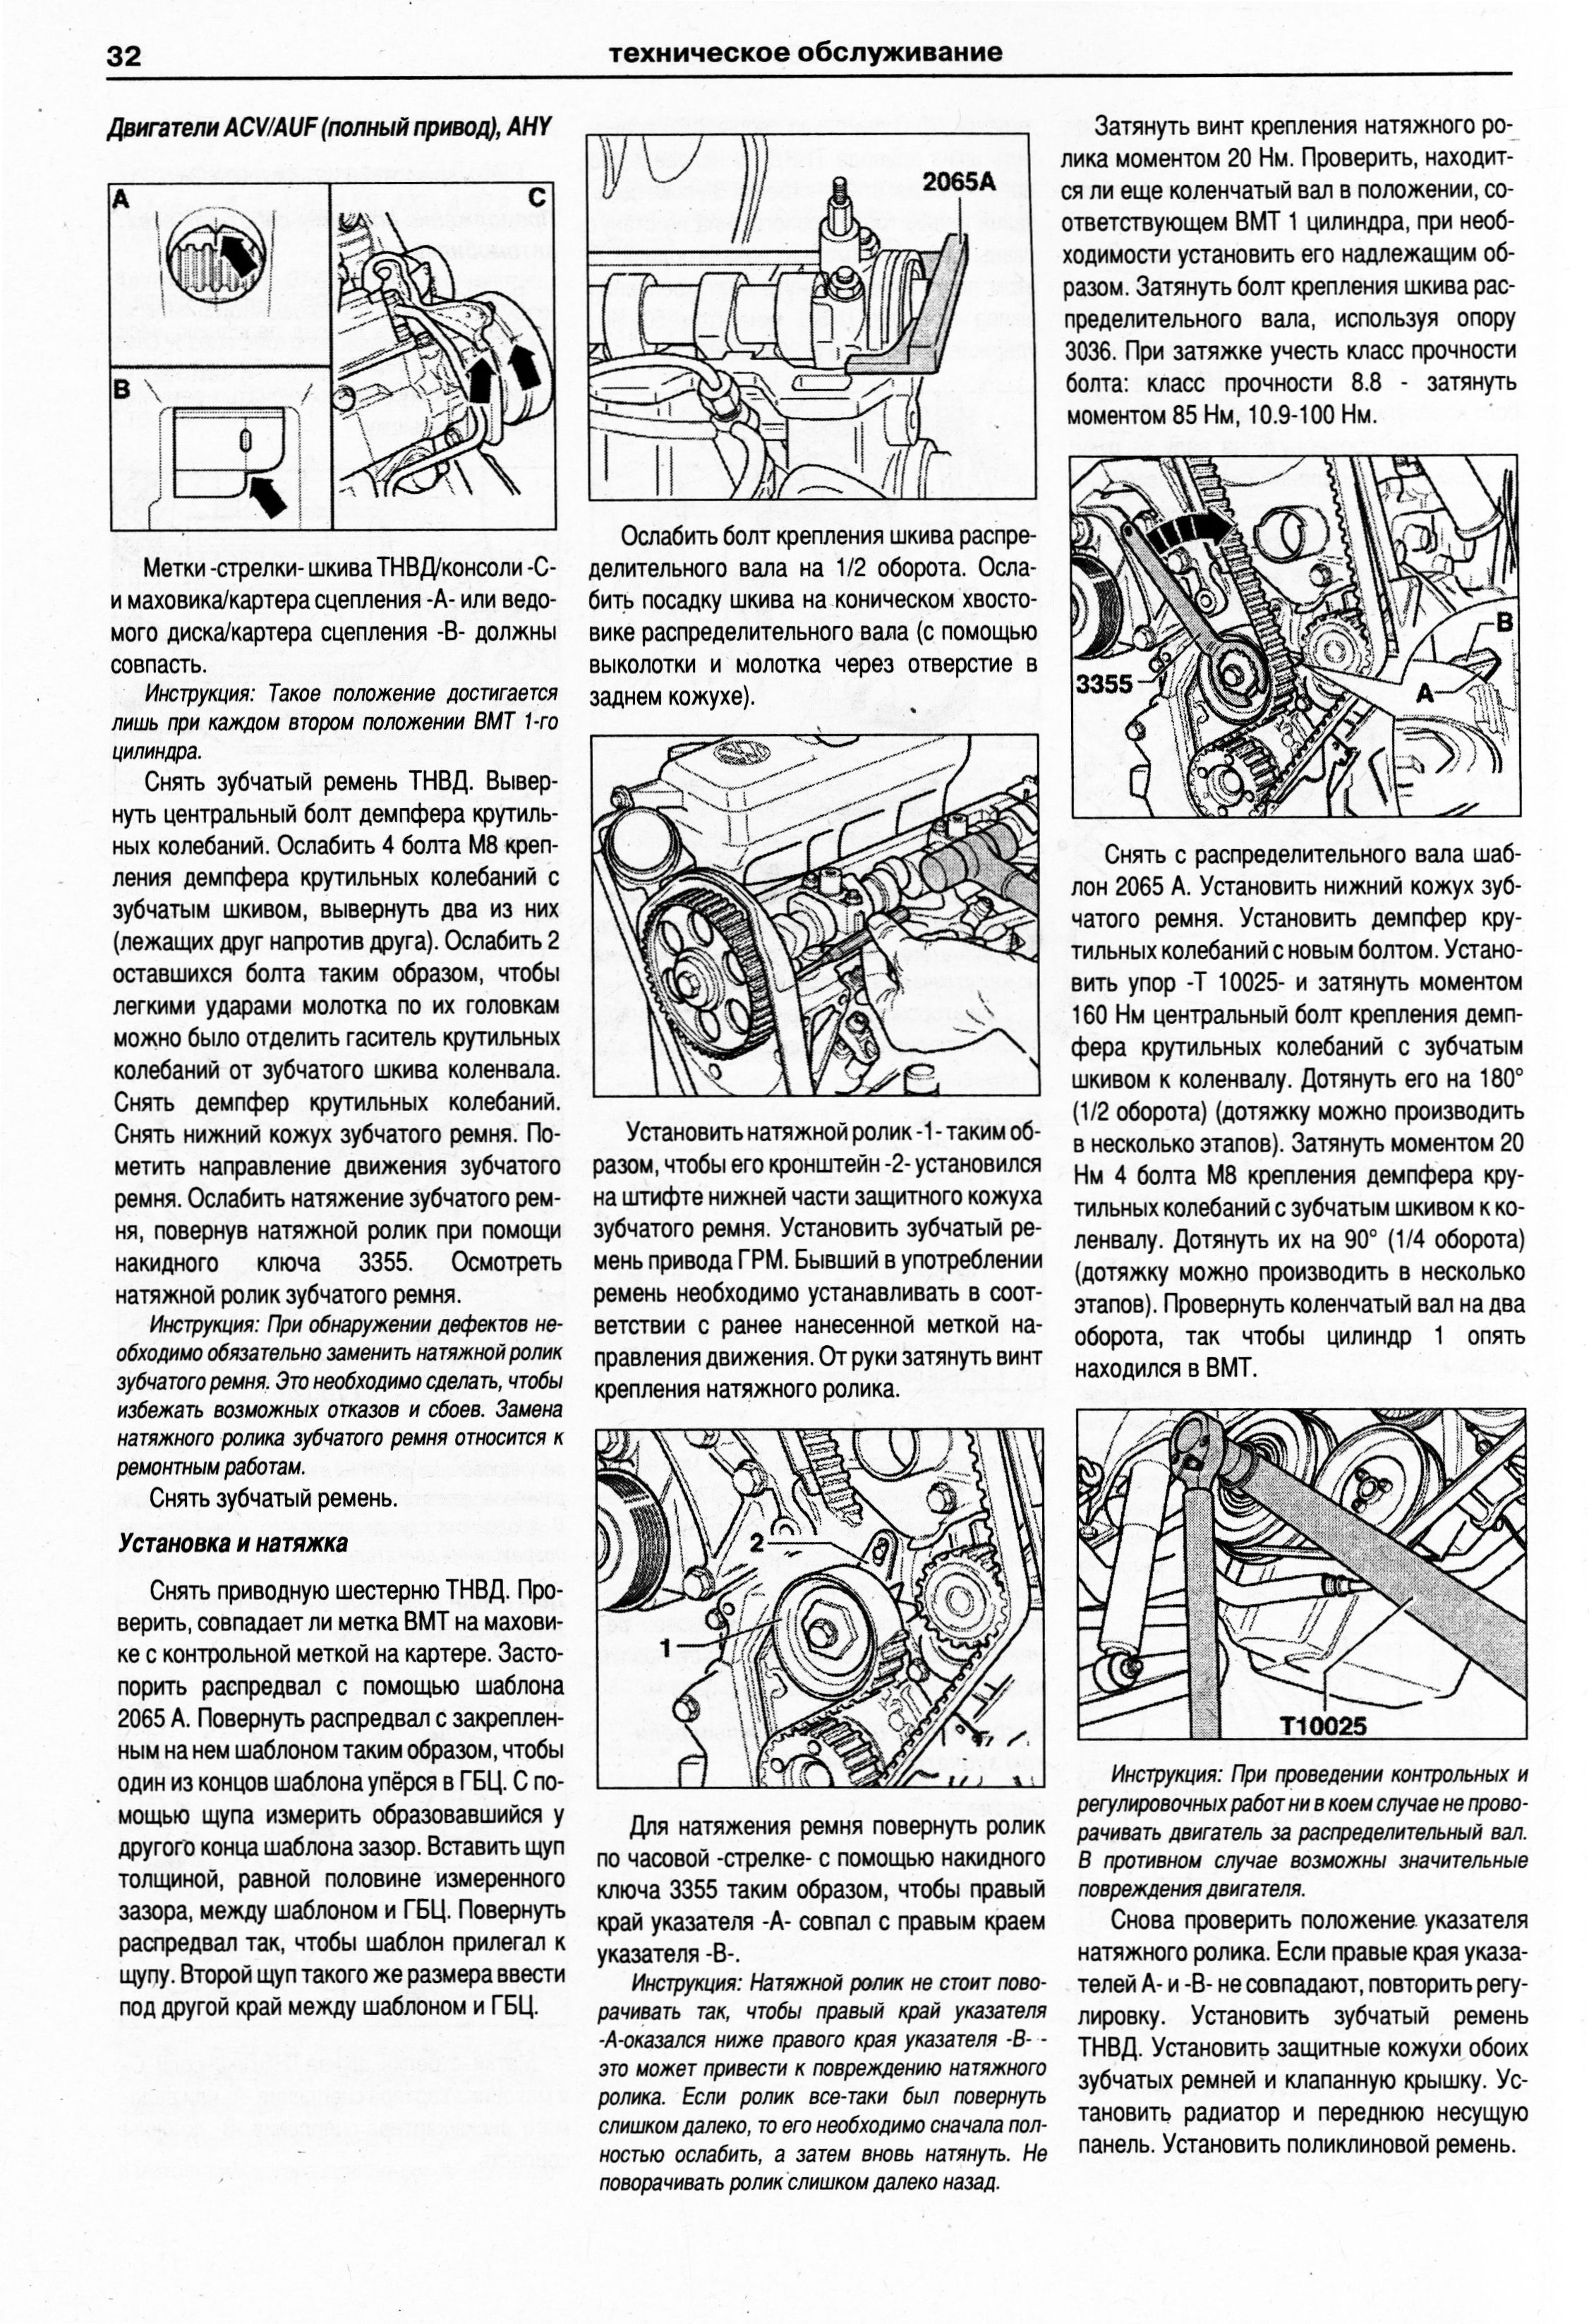 руководство по ремонту и эксплуатации фольксваген транспортер т4 торрент